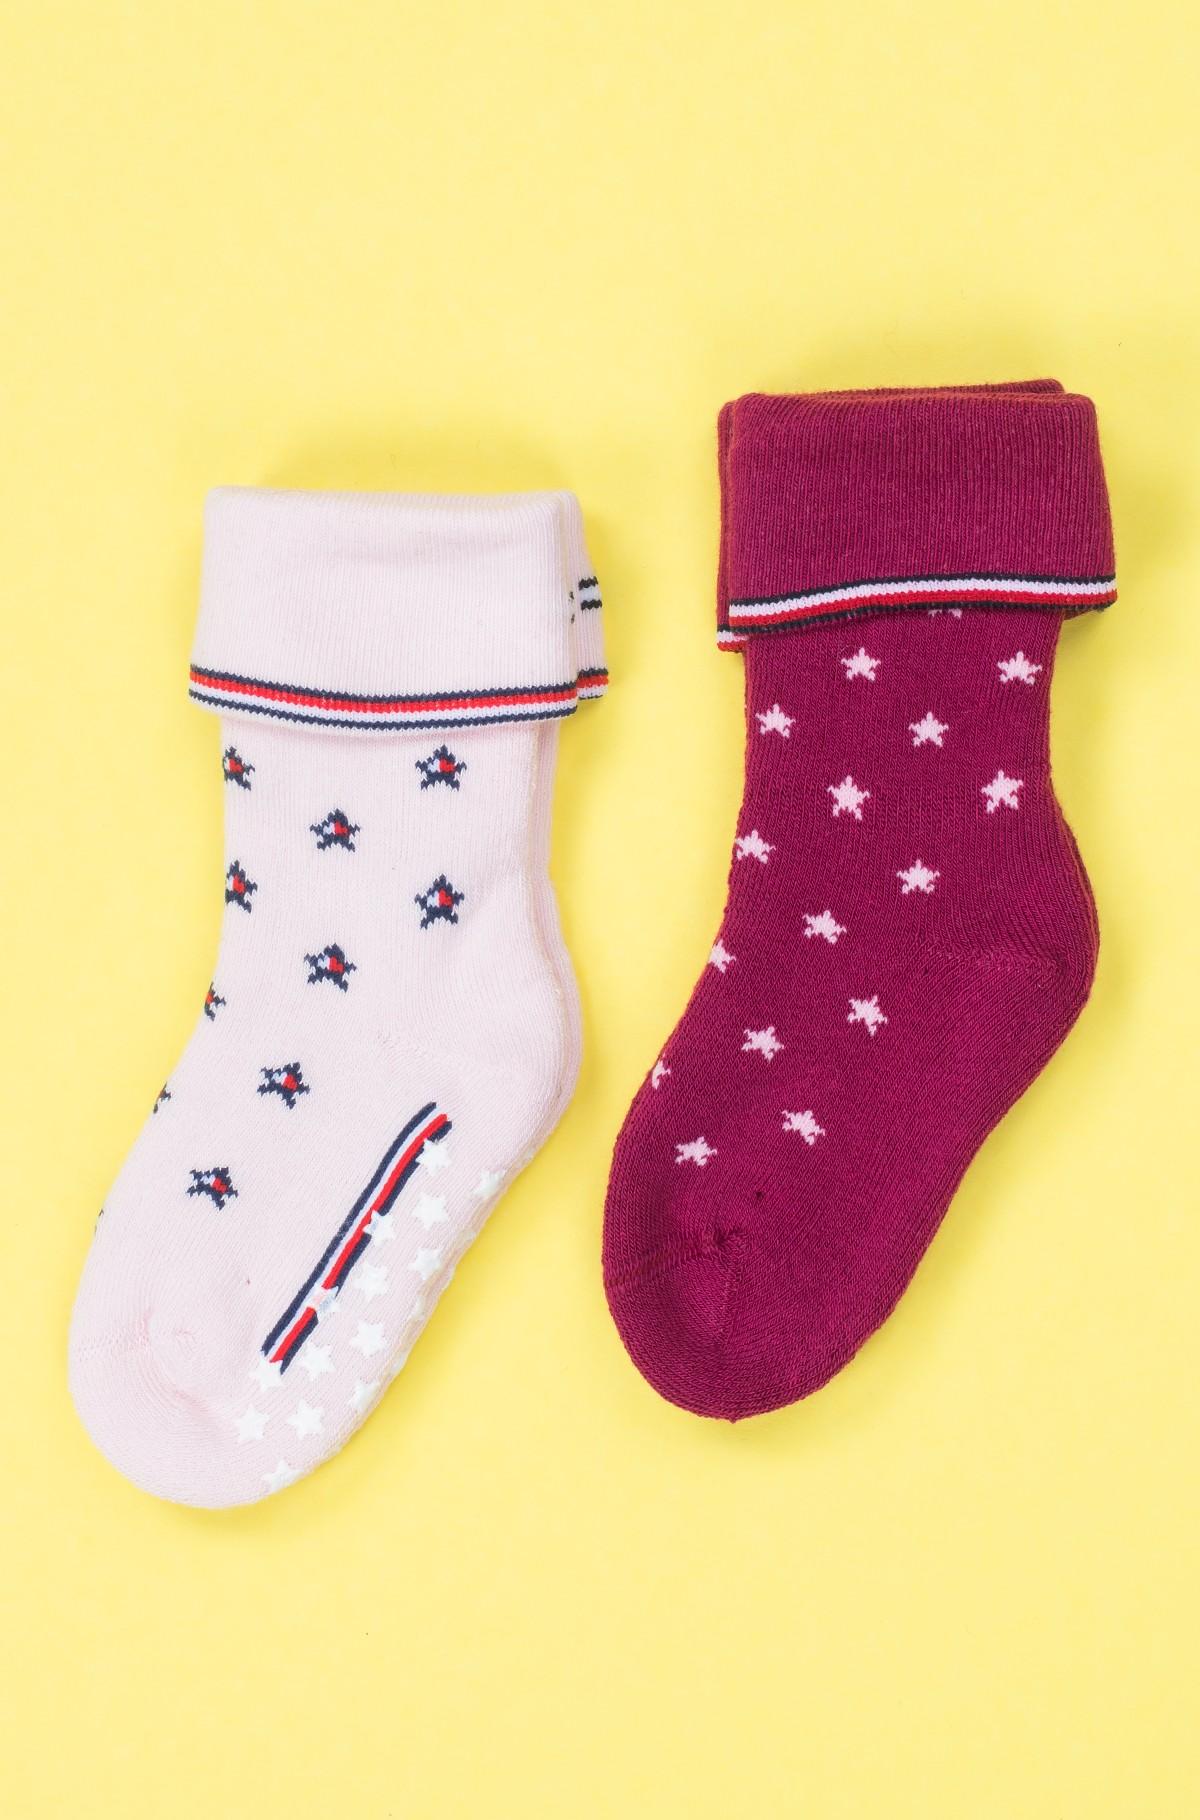 Kids socks 495003001-full-1